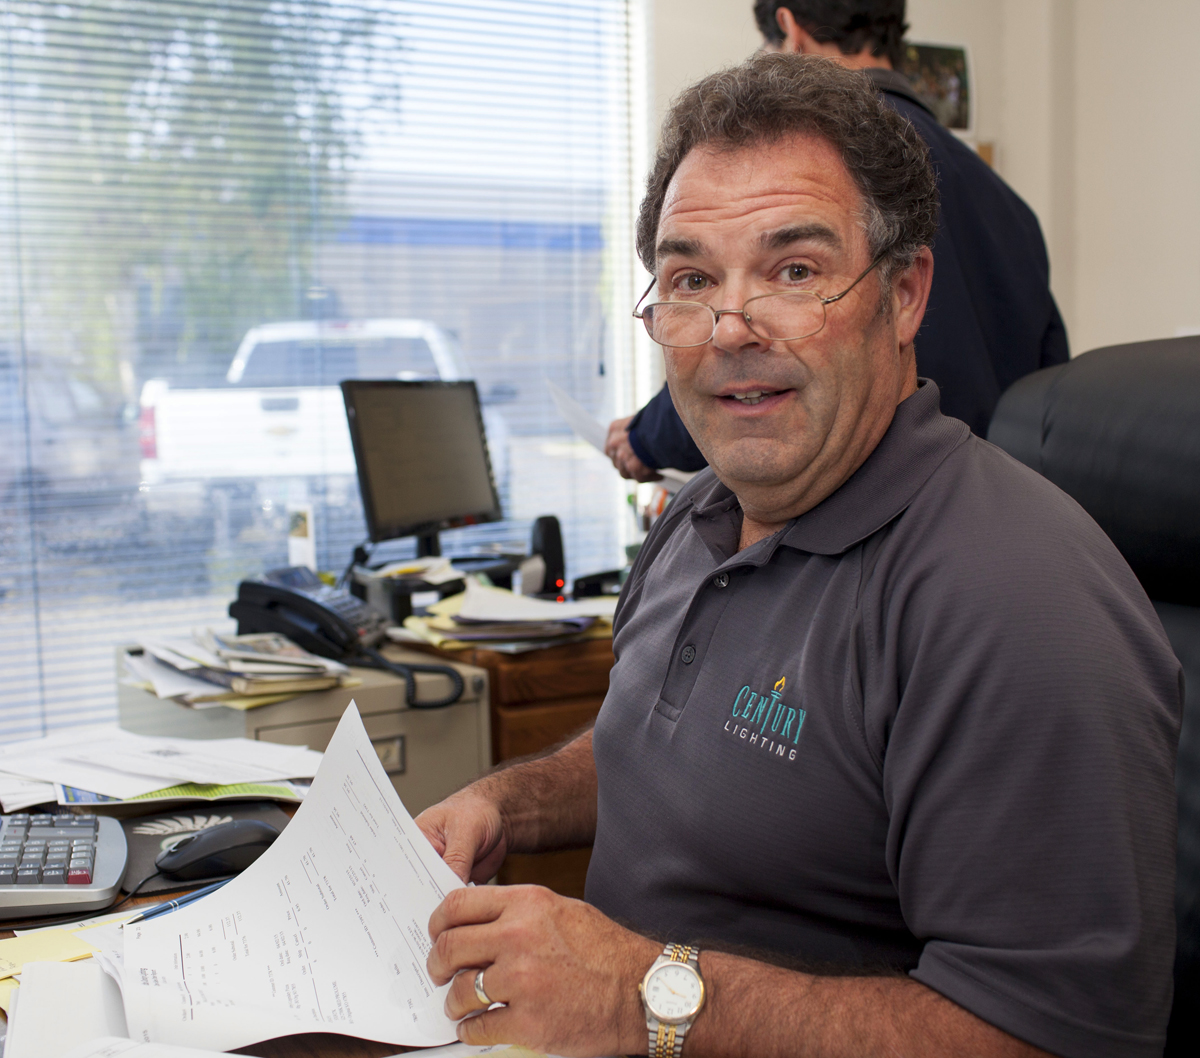 Commercial LIghting, Joe Cavanagh, LED Expert